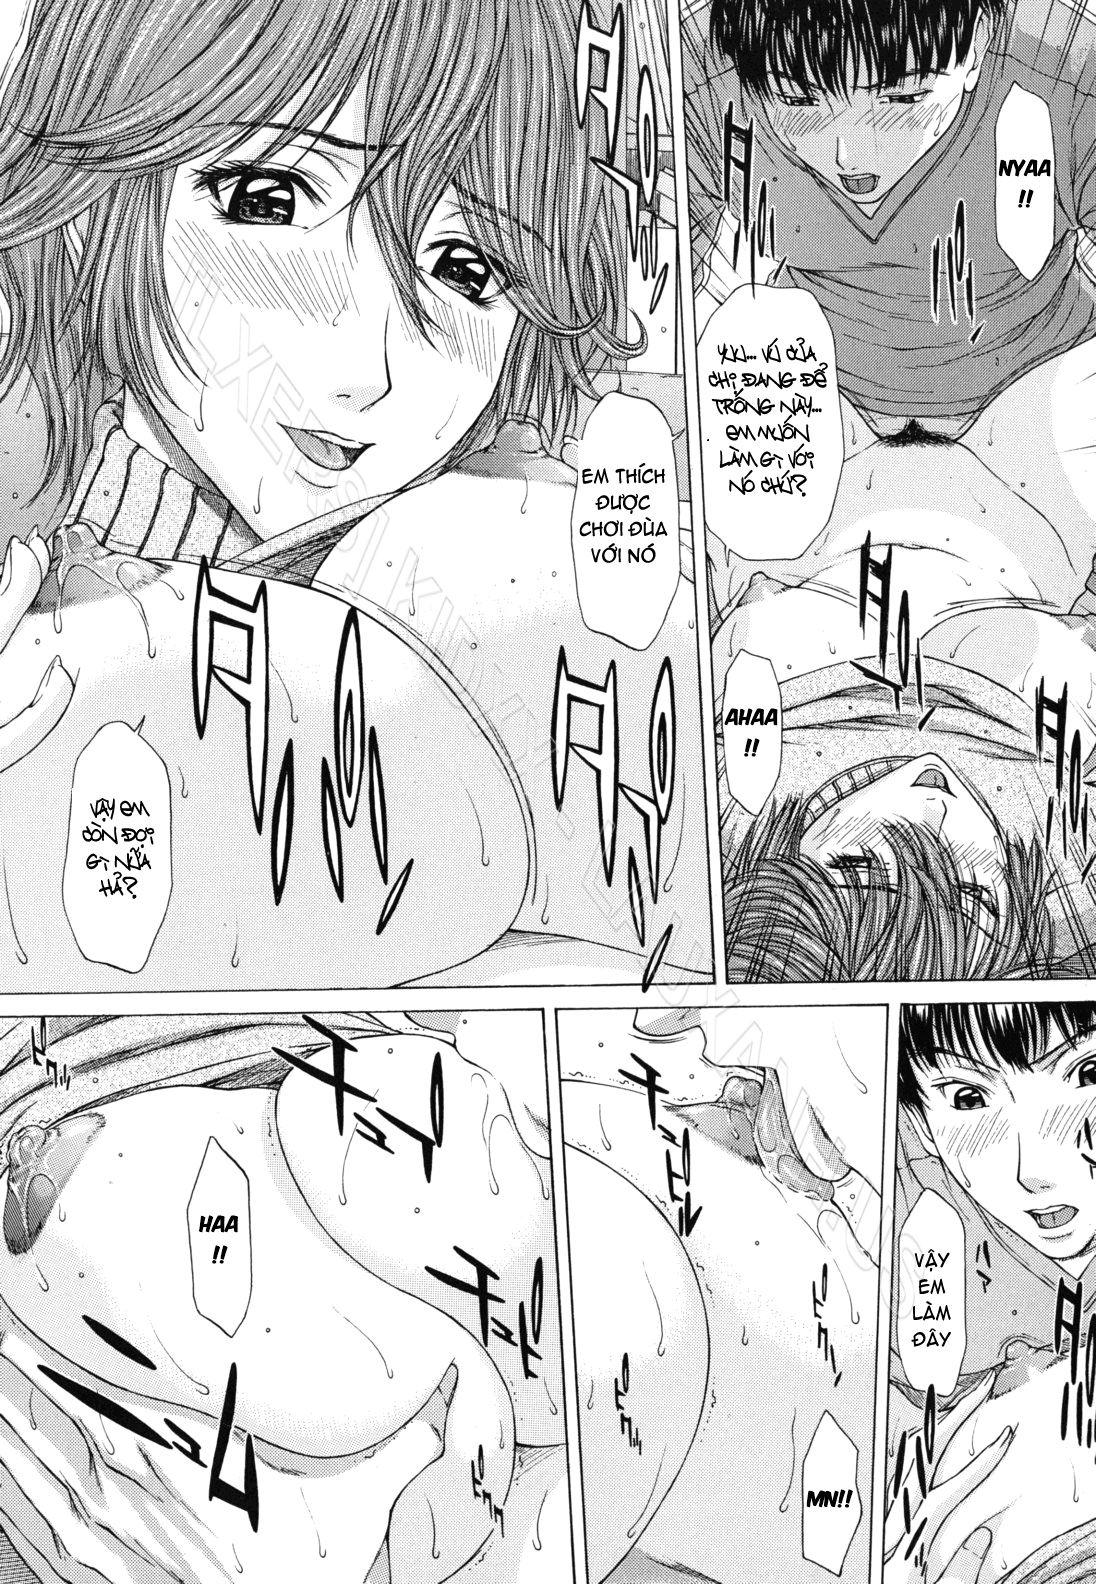 Hình ảnh nudity www.hentairules.net 209%2Bcopy trong bài viết Nong lồn em ra đi anh